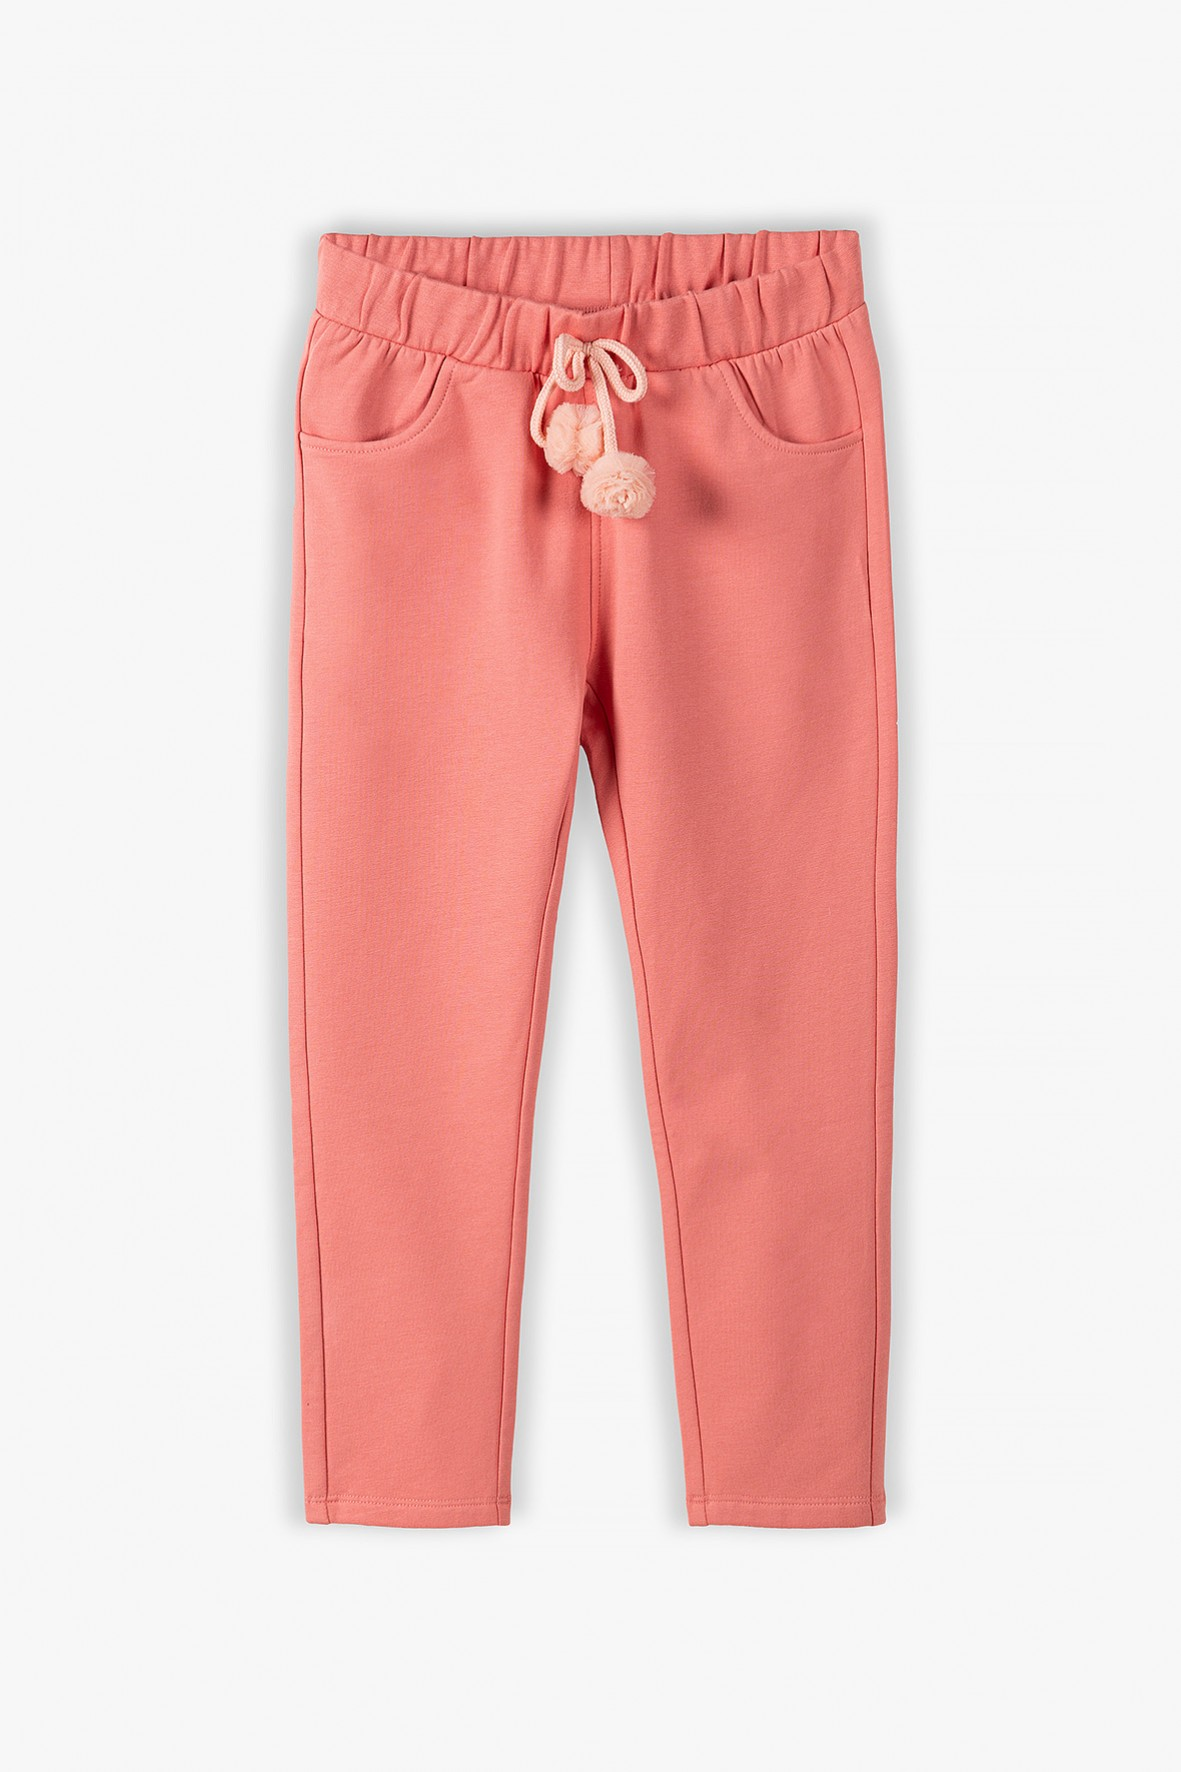 Spodnie dresowe dla dziewczynki - różowe